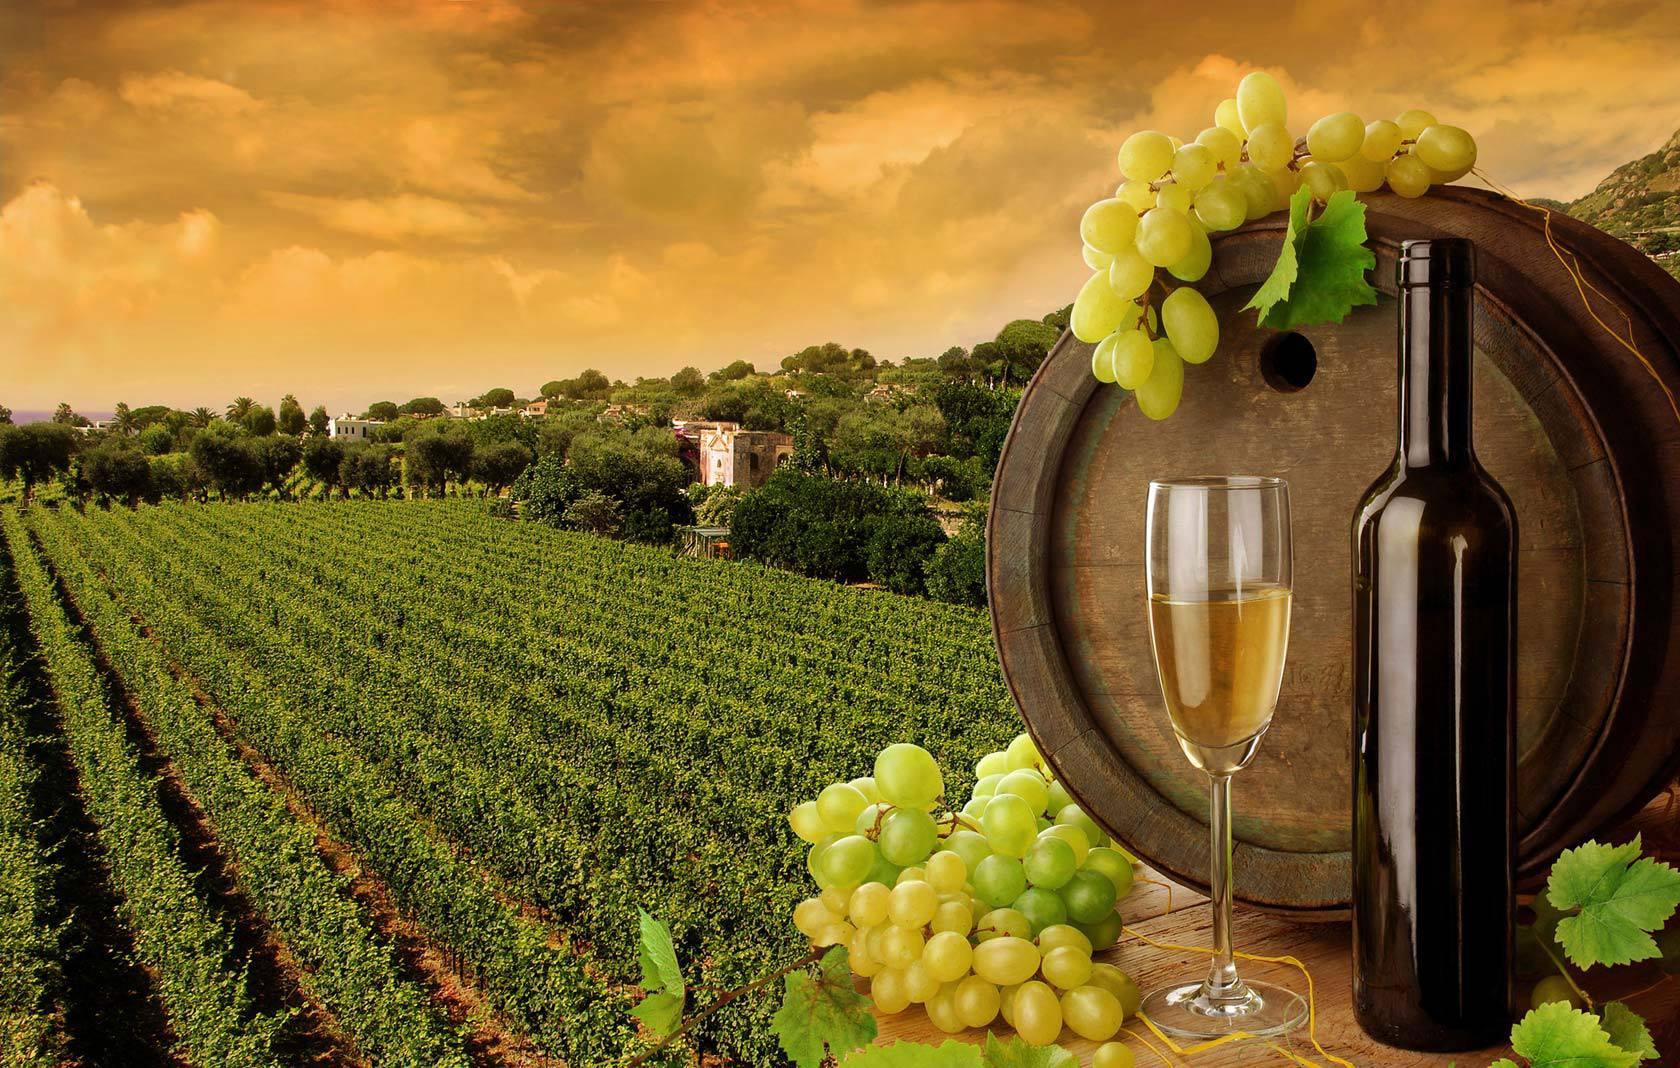 11838709_966132160113671_621861280435900733_o Vino Online: Chi Riesce a Vendere Vino Online [Statistiche]